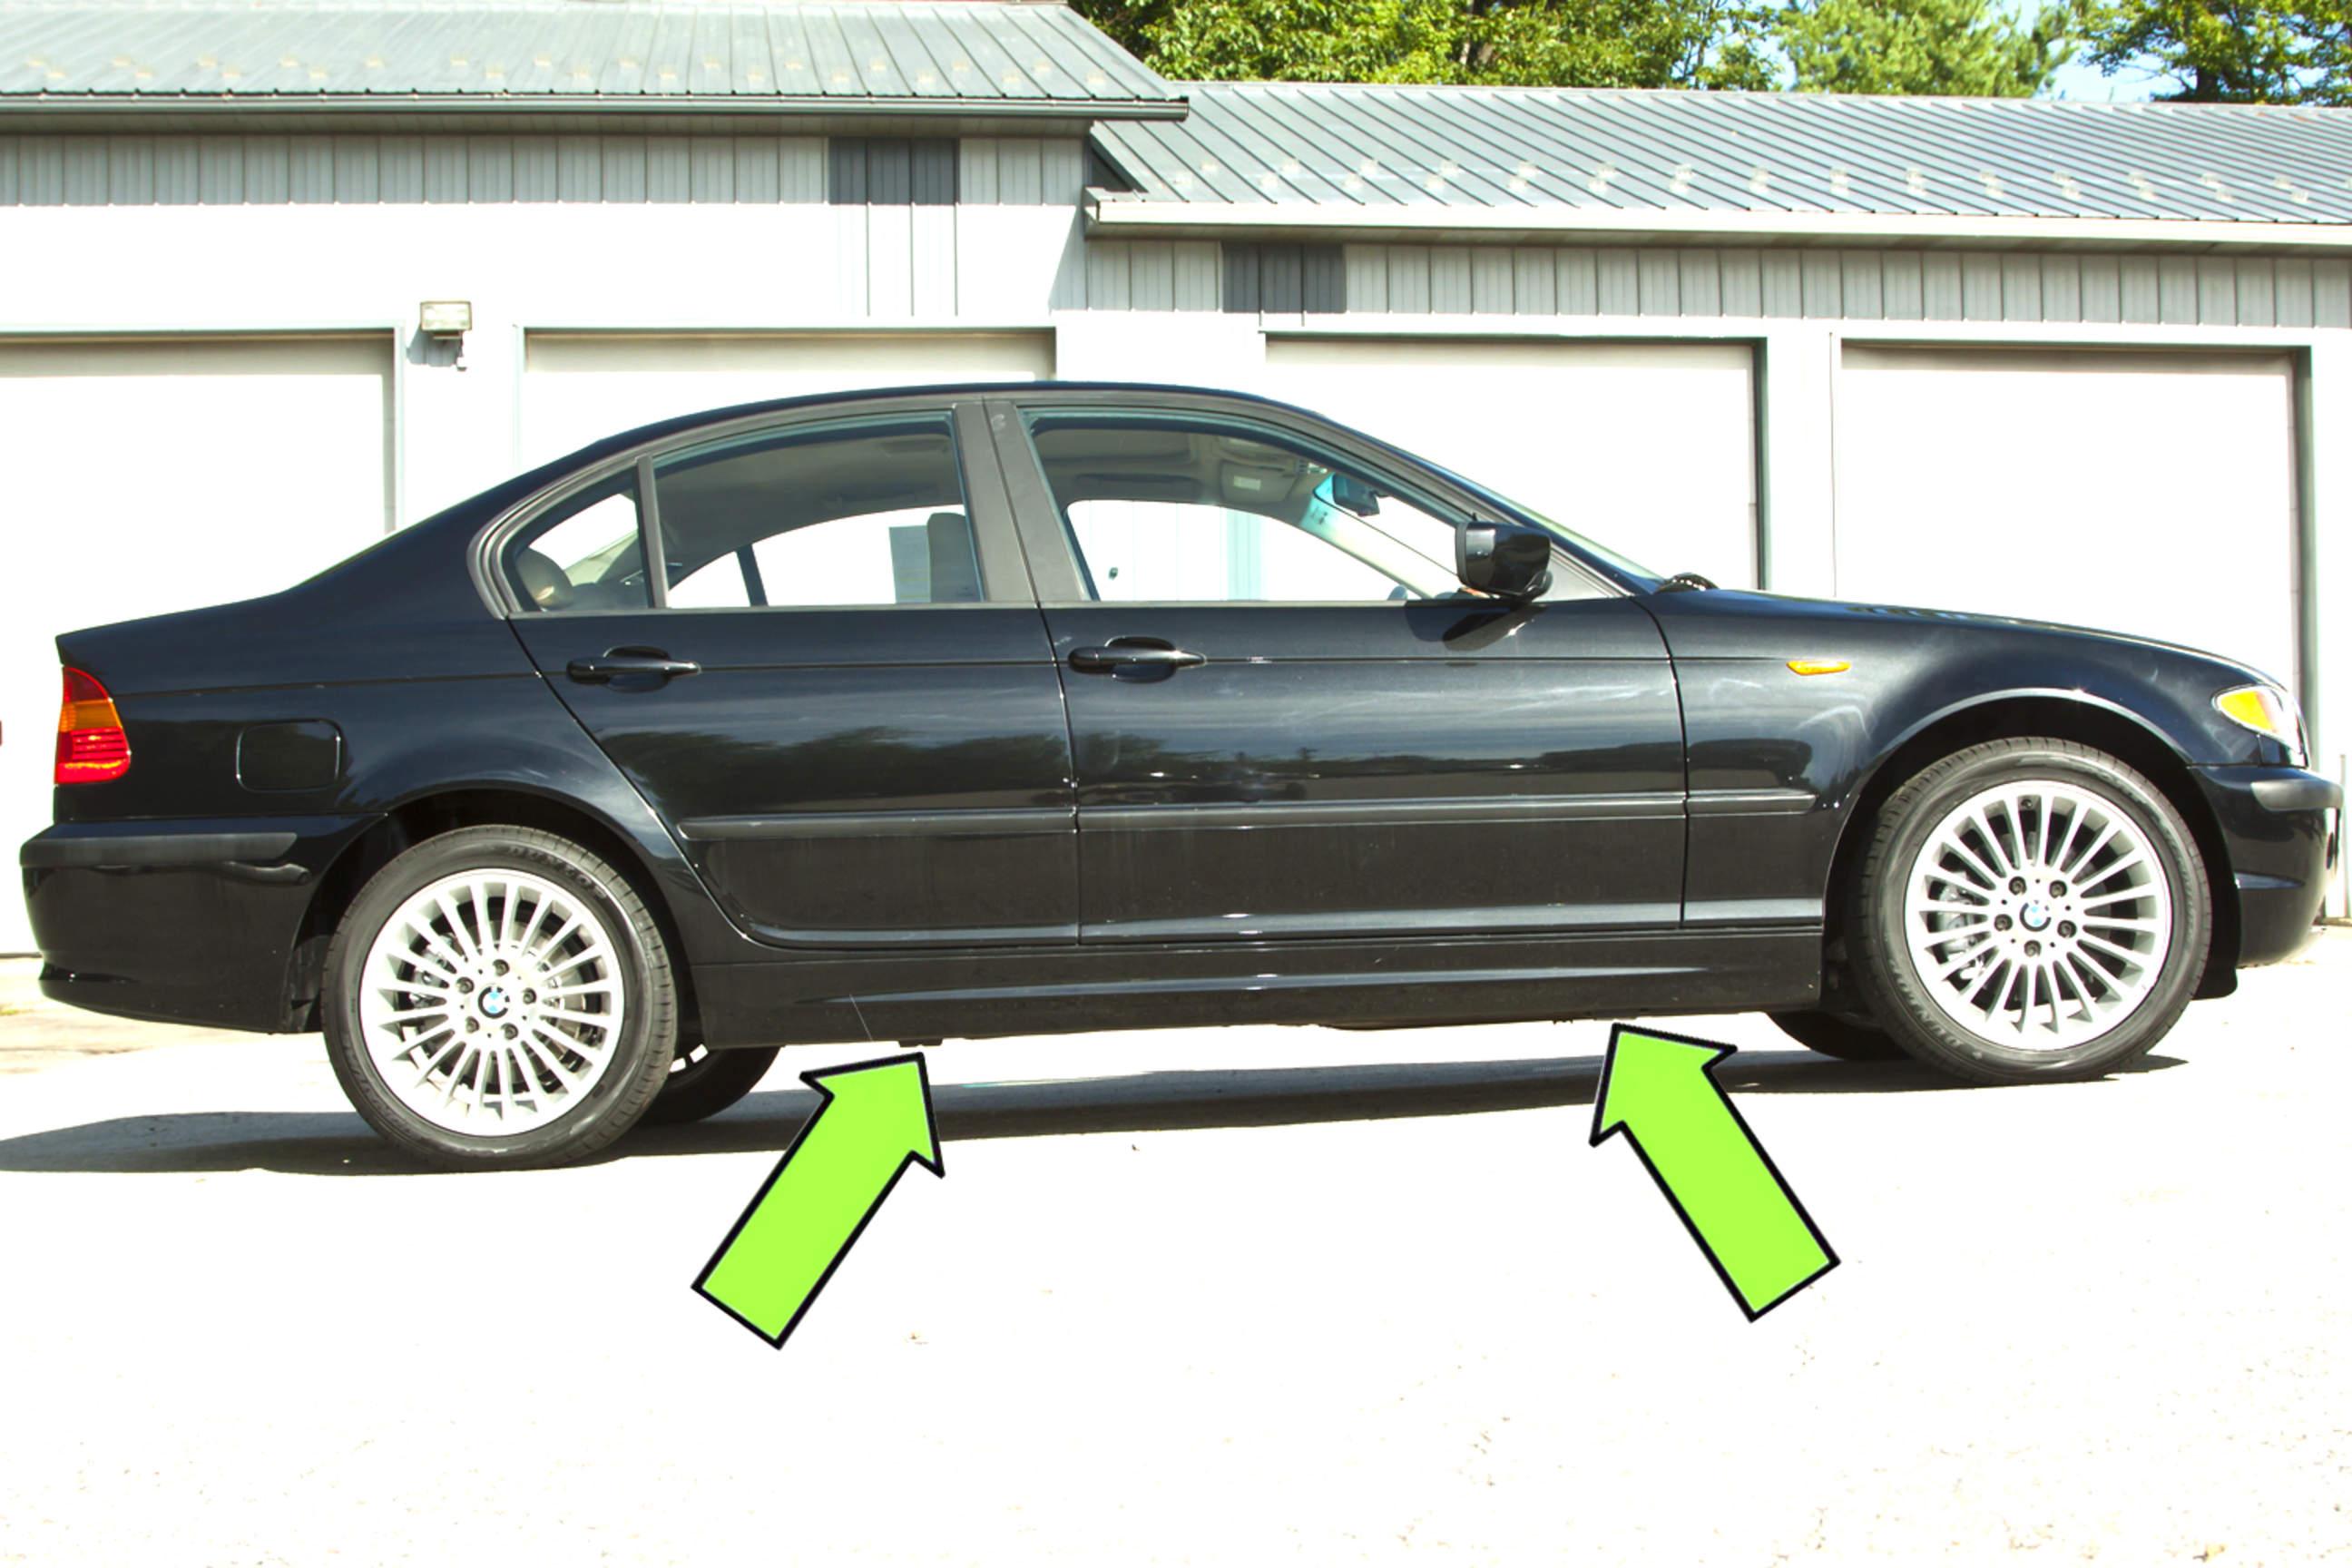 bmw e46 jacking up your vehicle bmw 325i 2001 2005. Black Bedroom Furniture Sets. Home Design Ideas